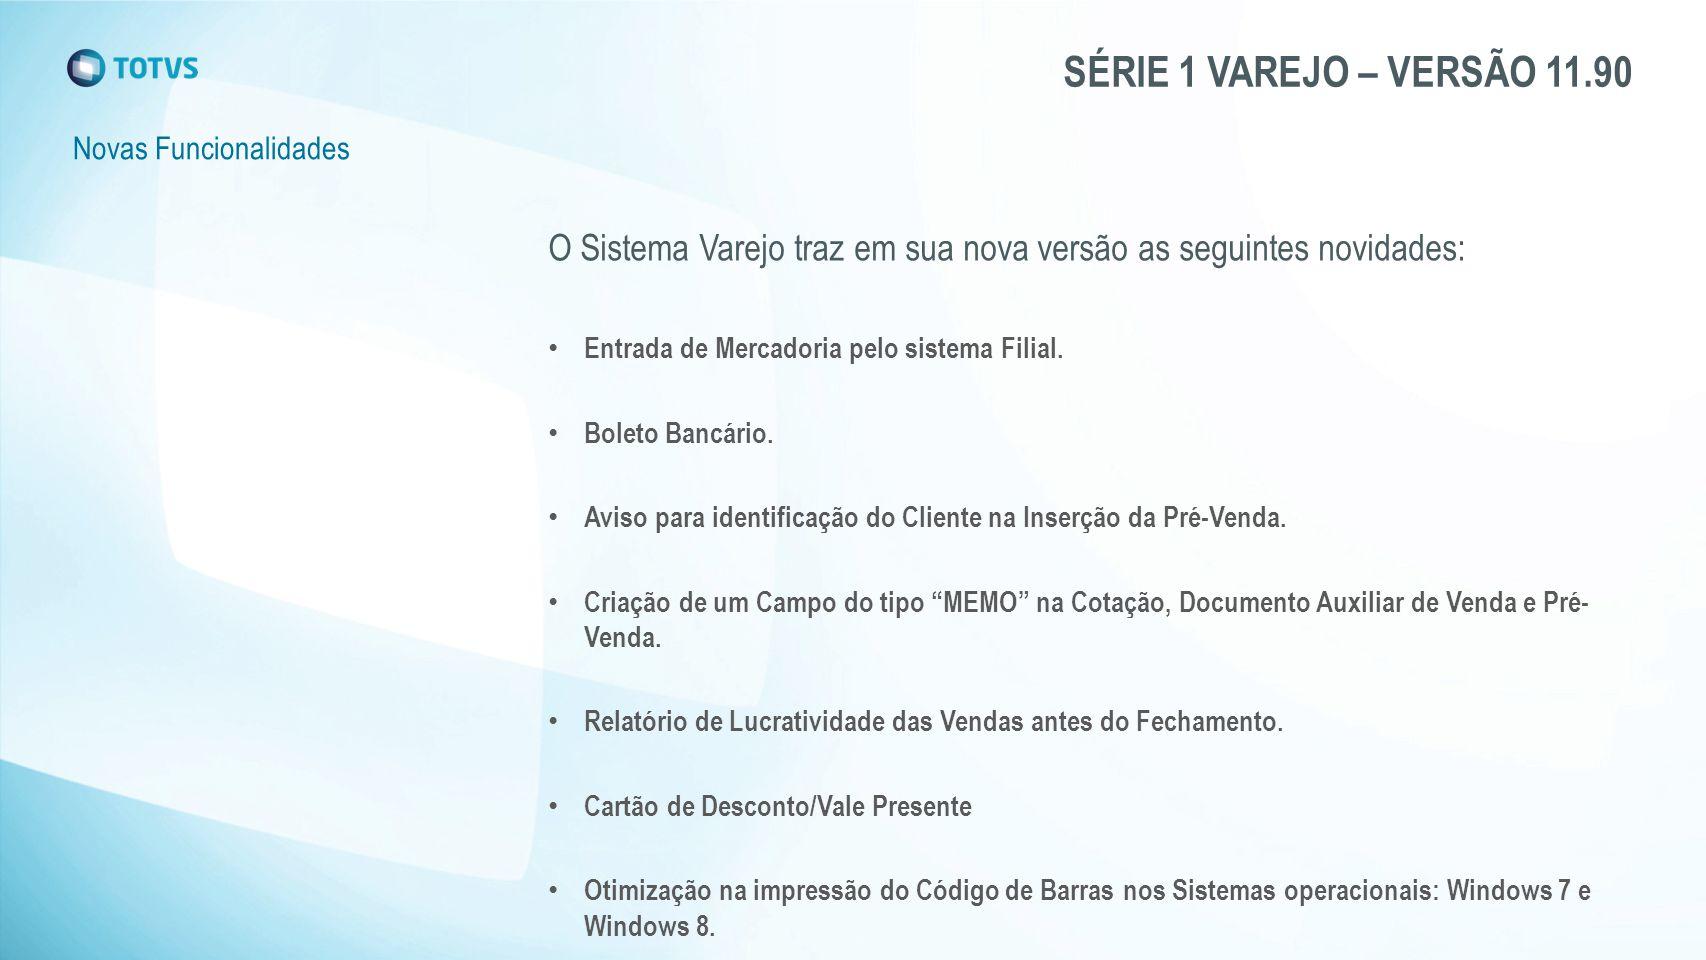 SÉRIE 1 VAREJO – VERSÃO 11.90 Novas Funcionalidades O Sistema Varejo traz em sua nova versão as seguintes novidades: Entrada de Mercadoria pelo sistema Filial.